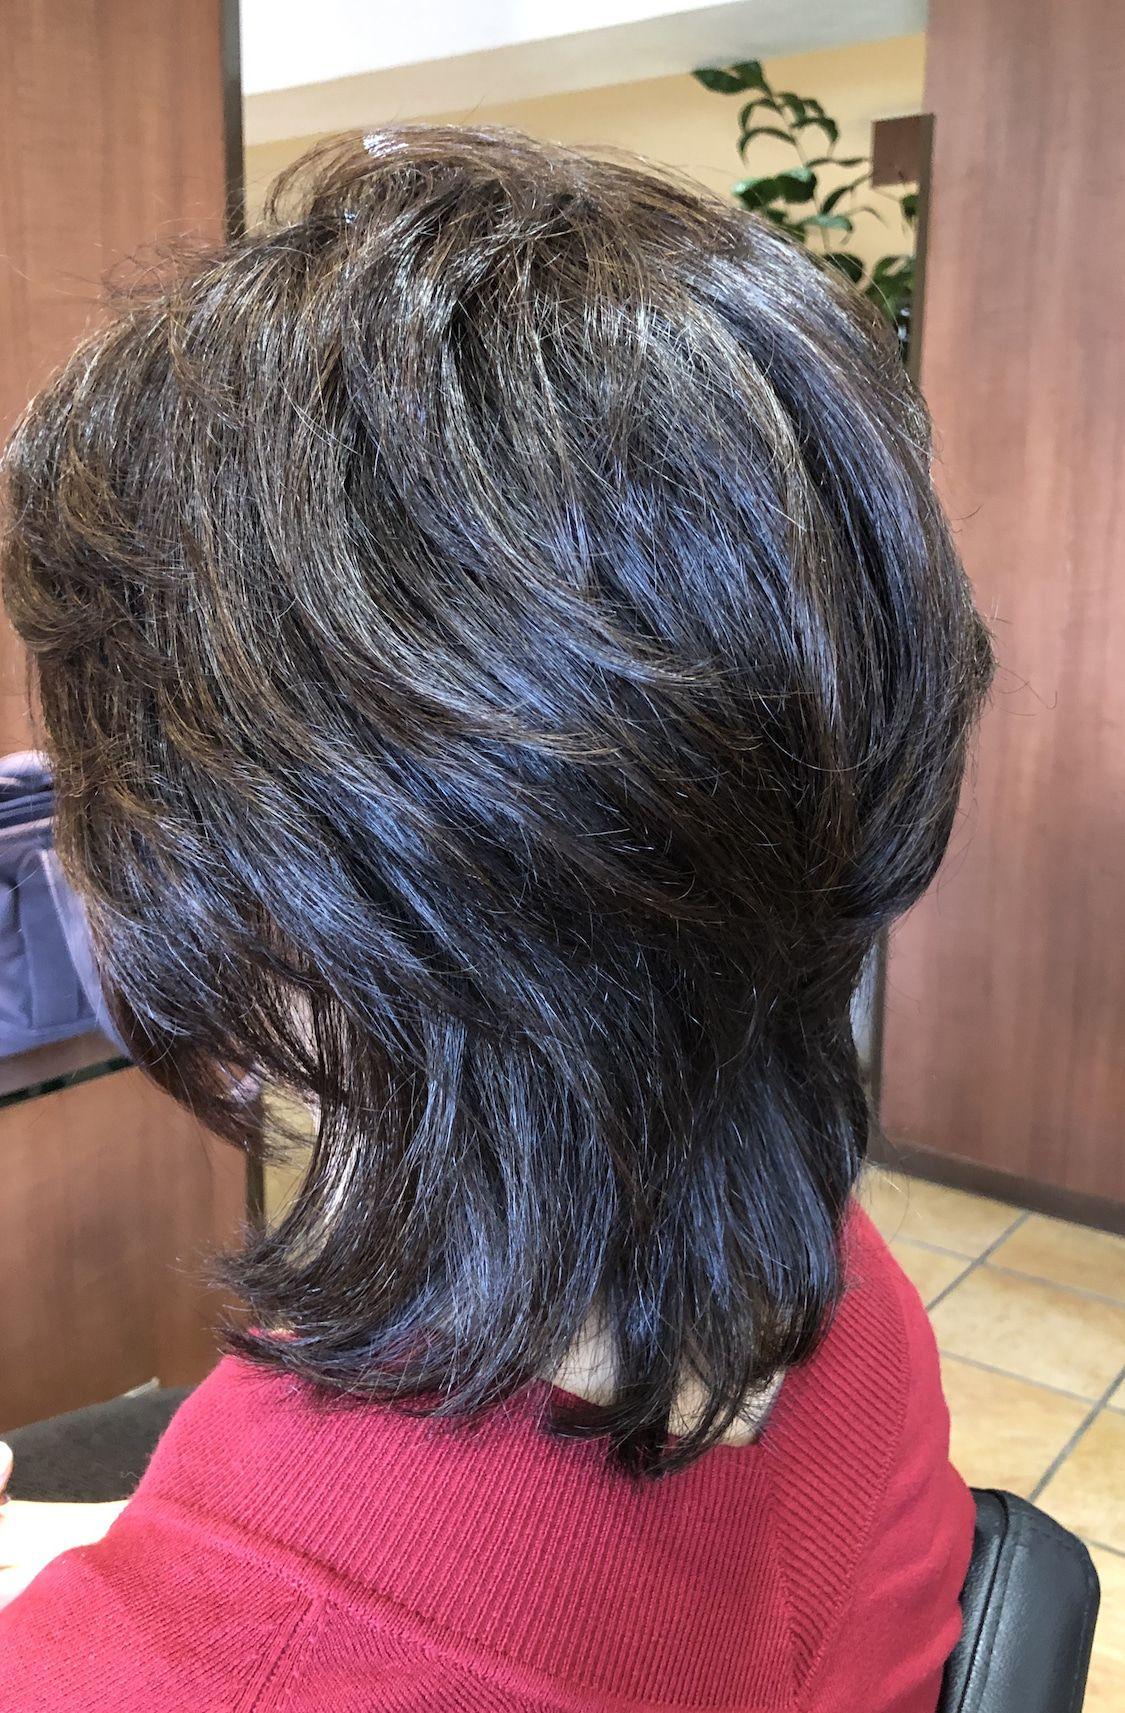 40代50代60代ヘアスタイル髪型 50代髪型 50代ミディアム 50代 髪型 60代 ヘアスタイル 60代 髪型